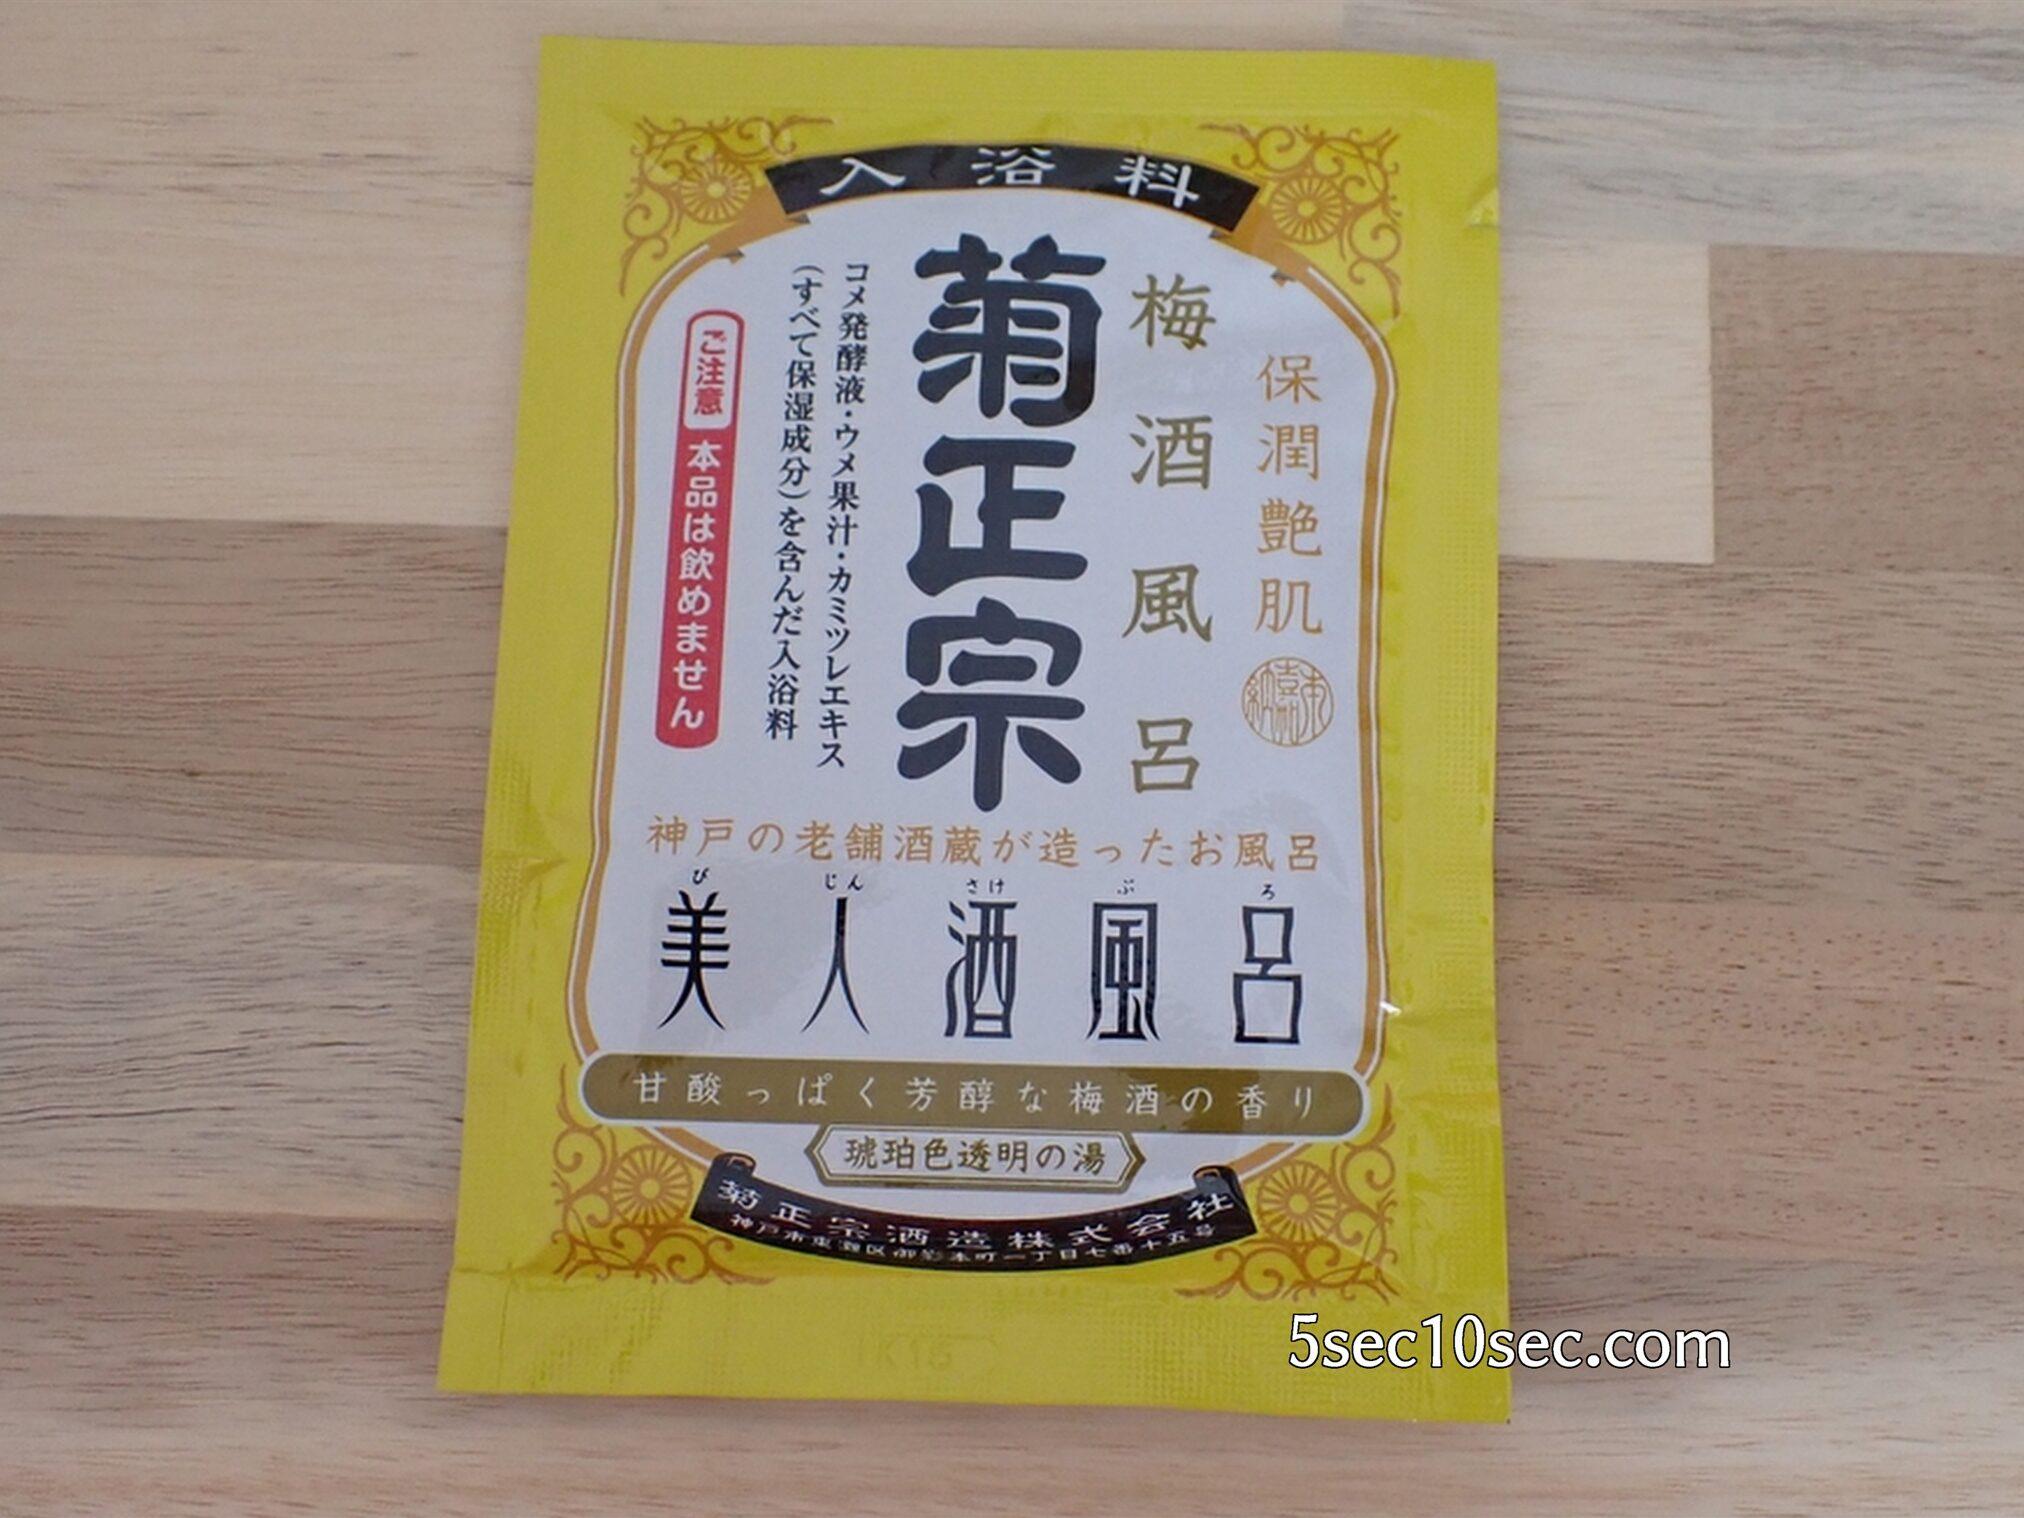 菊正宗酒造株式会社 乳酸菌「LK-117」配合 酒蔵の乳酸菌 米のしずく ドリンクタイプ おまけについていた入浴剤です